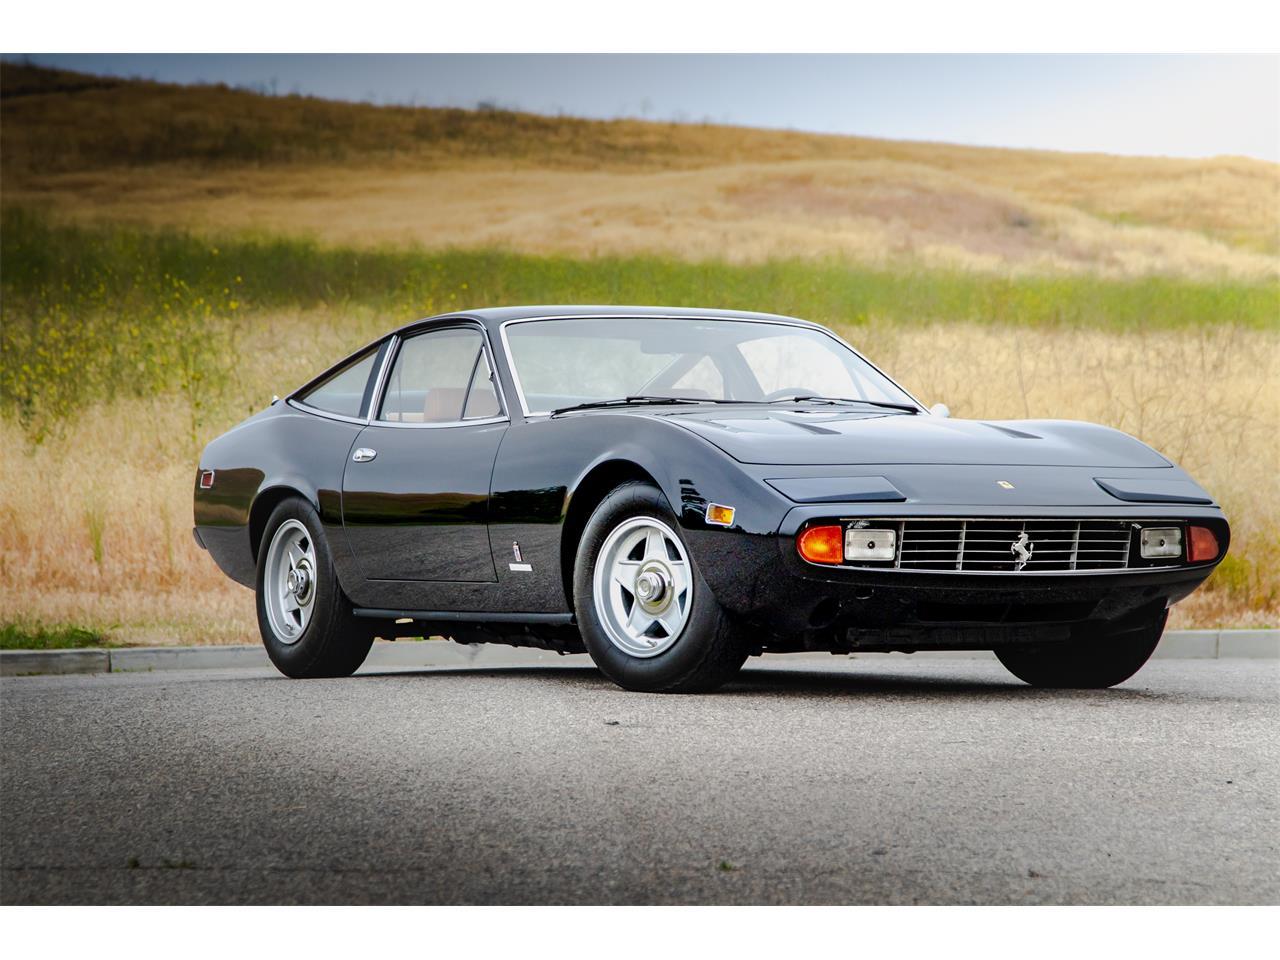 Large Picture of Classic '72 Ferrari 365 GT4 located in California - $247,500.00 - Q5SJ